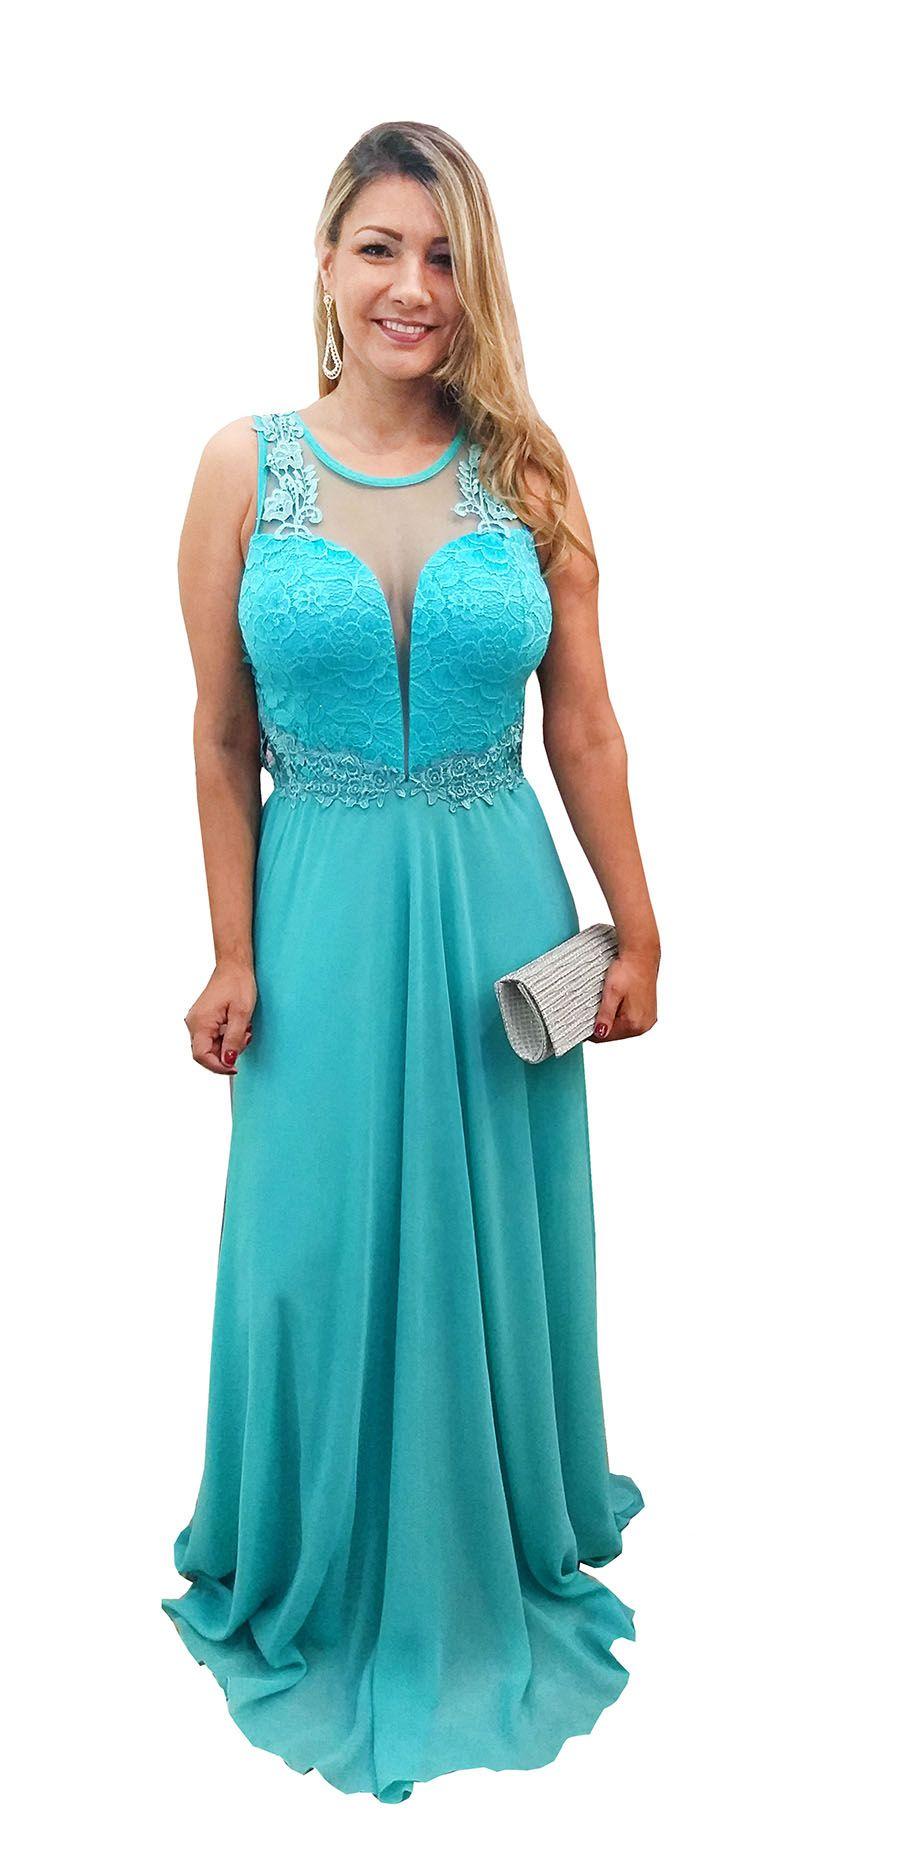 3817b5401 Vestido Festa Longo Azul Tiffany - Casamento, Madrinha - Grife Velasco